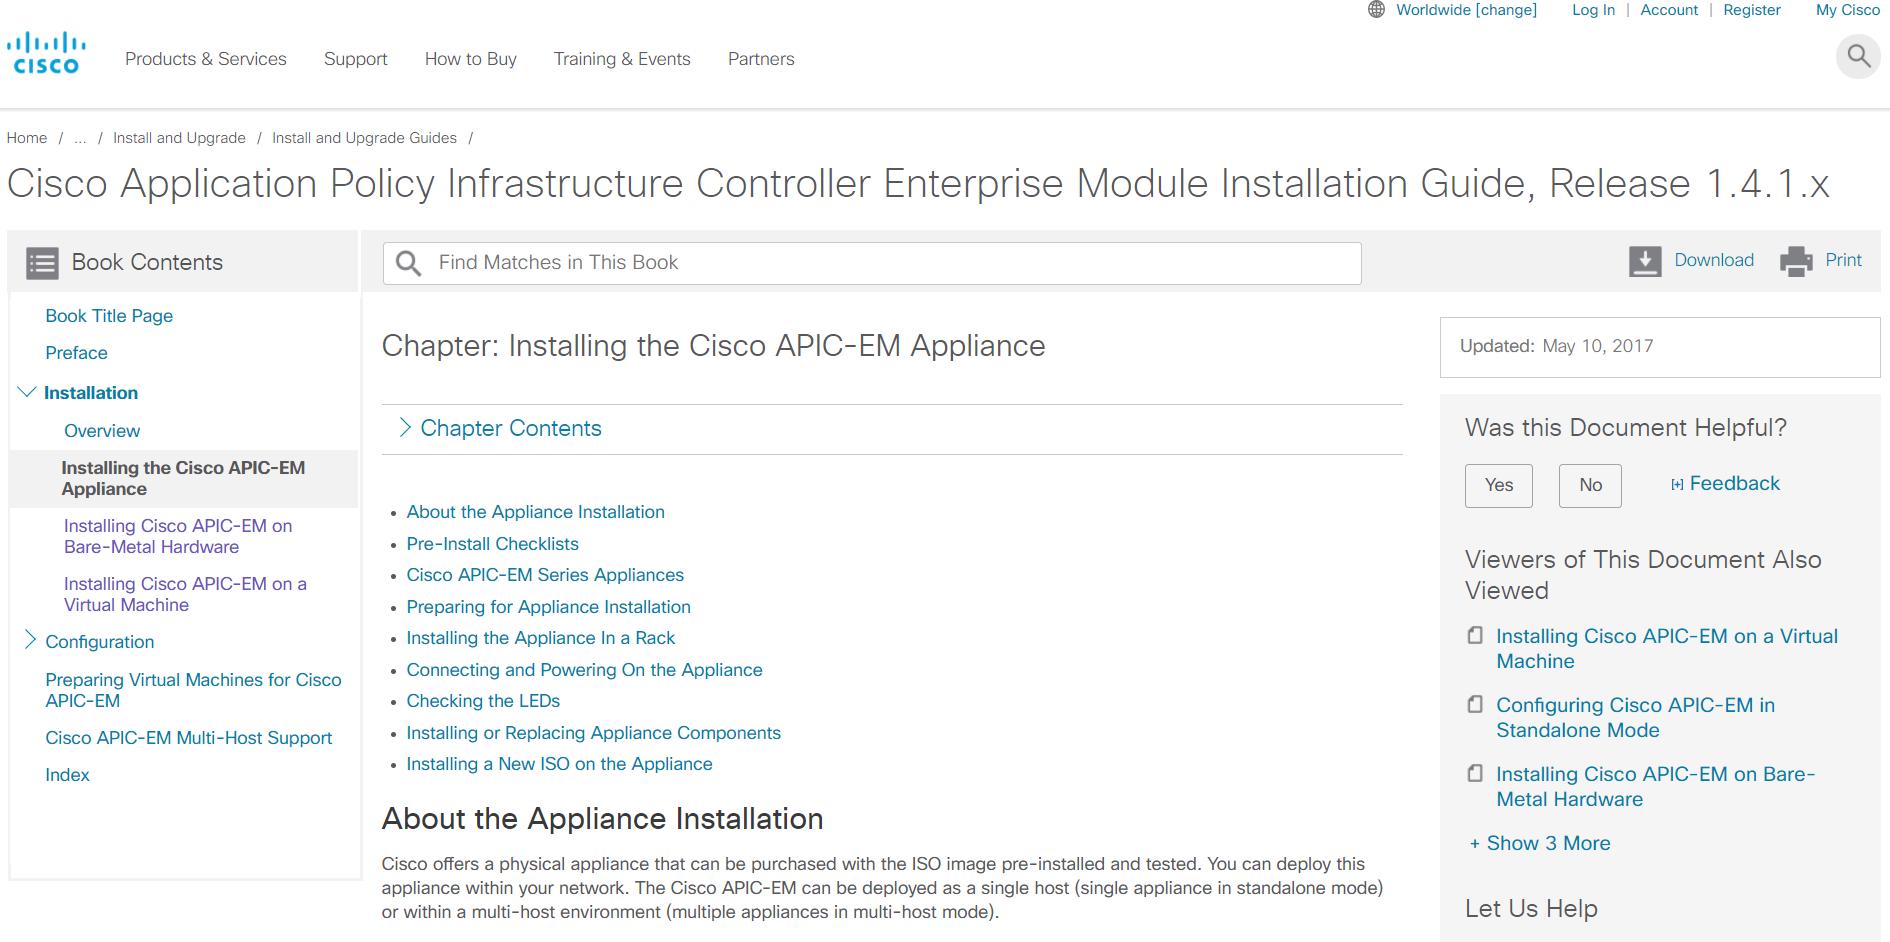 Guide] APIC-EM Installing the Cisco APIC-EM Appliance